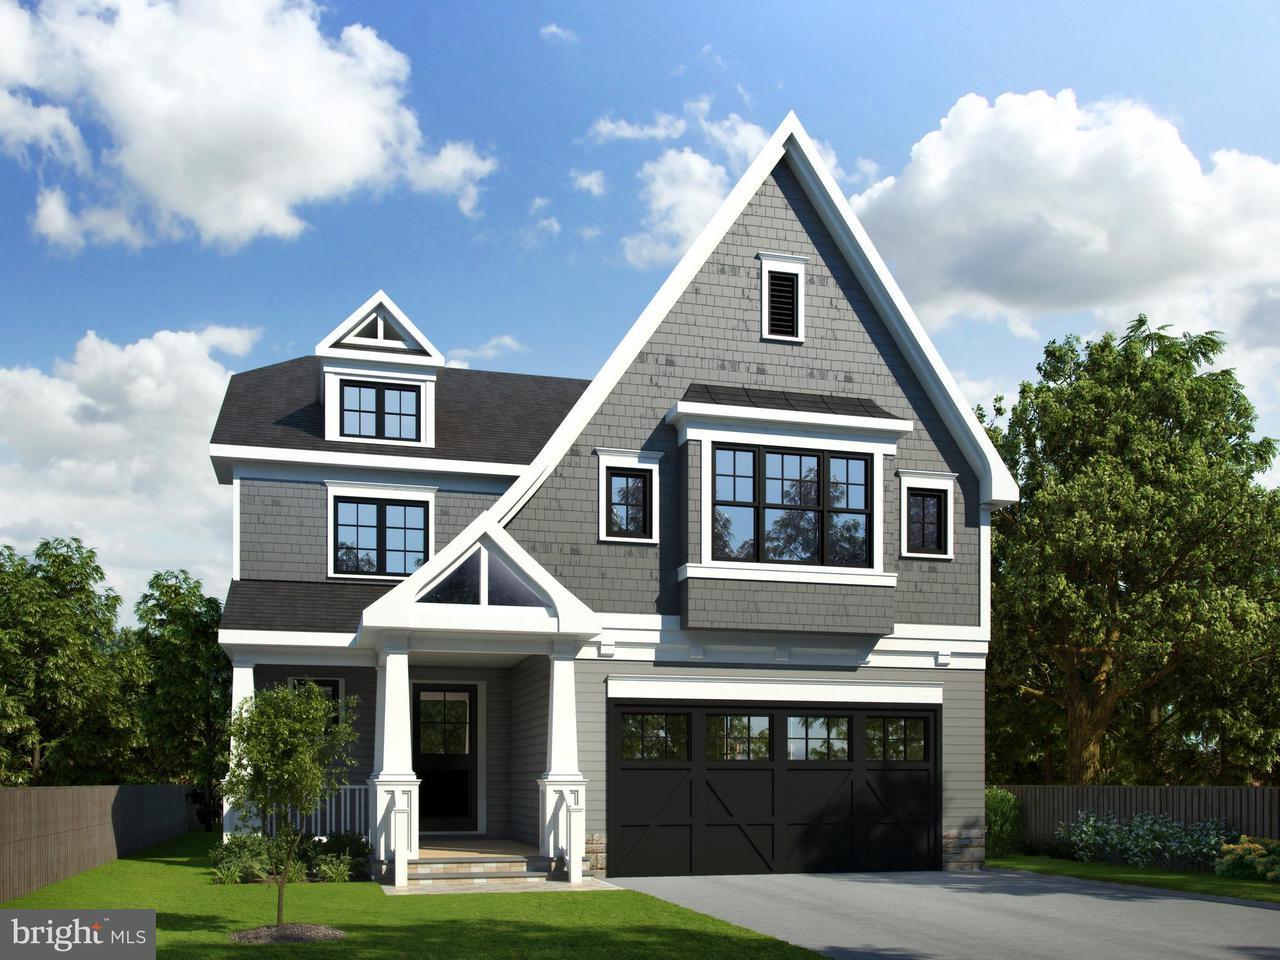 独户住宅 为 销售 在 738 Thayer Avenue 738 Thayer Avenue 银泉, 马里兰州 20910 美国